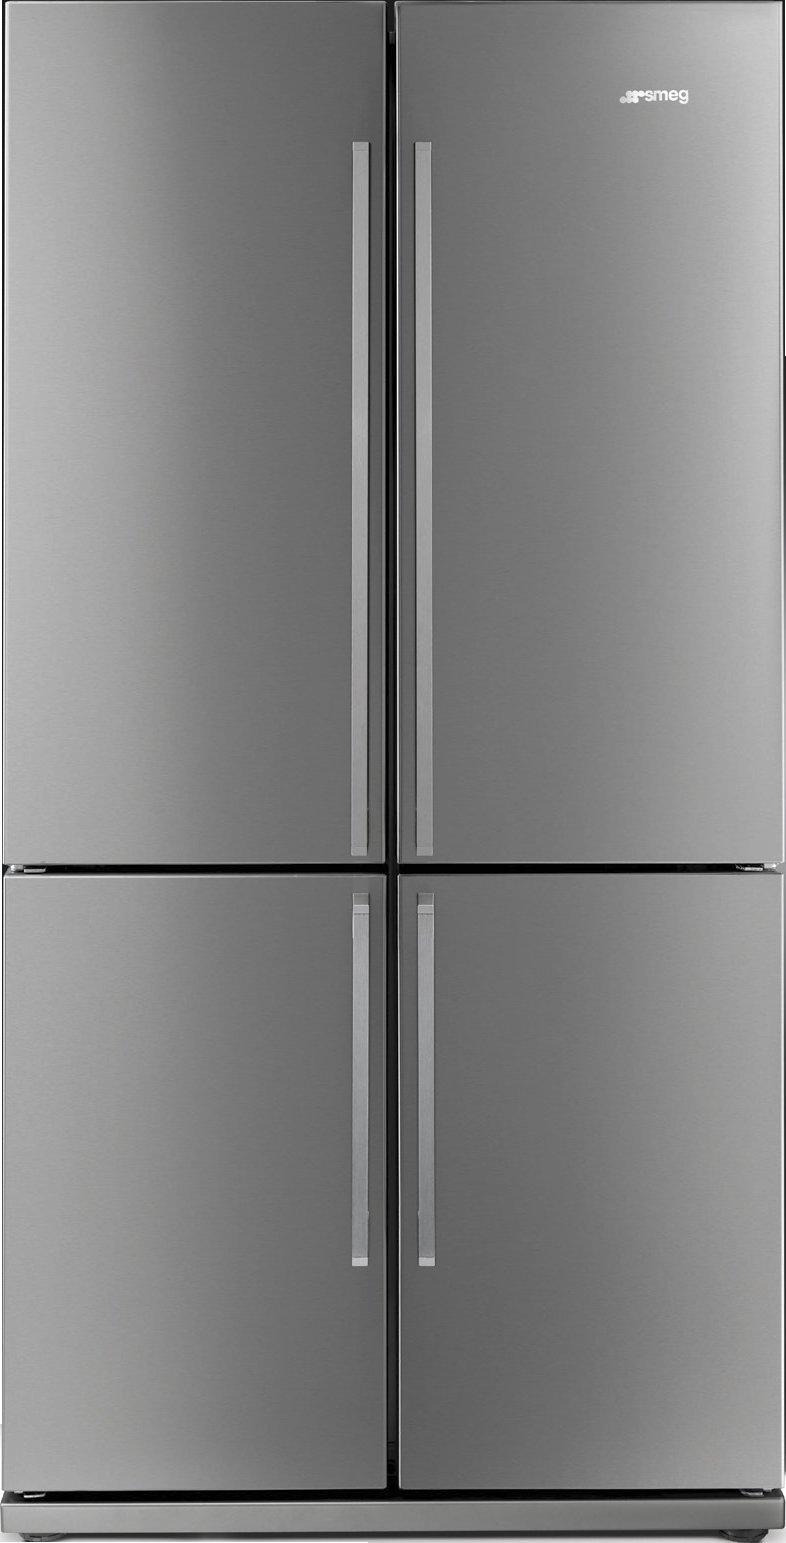 Smeg Fq60xpa 583l French Door Fridge Appliances Online